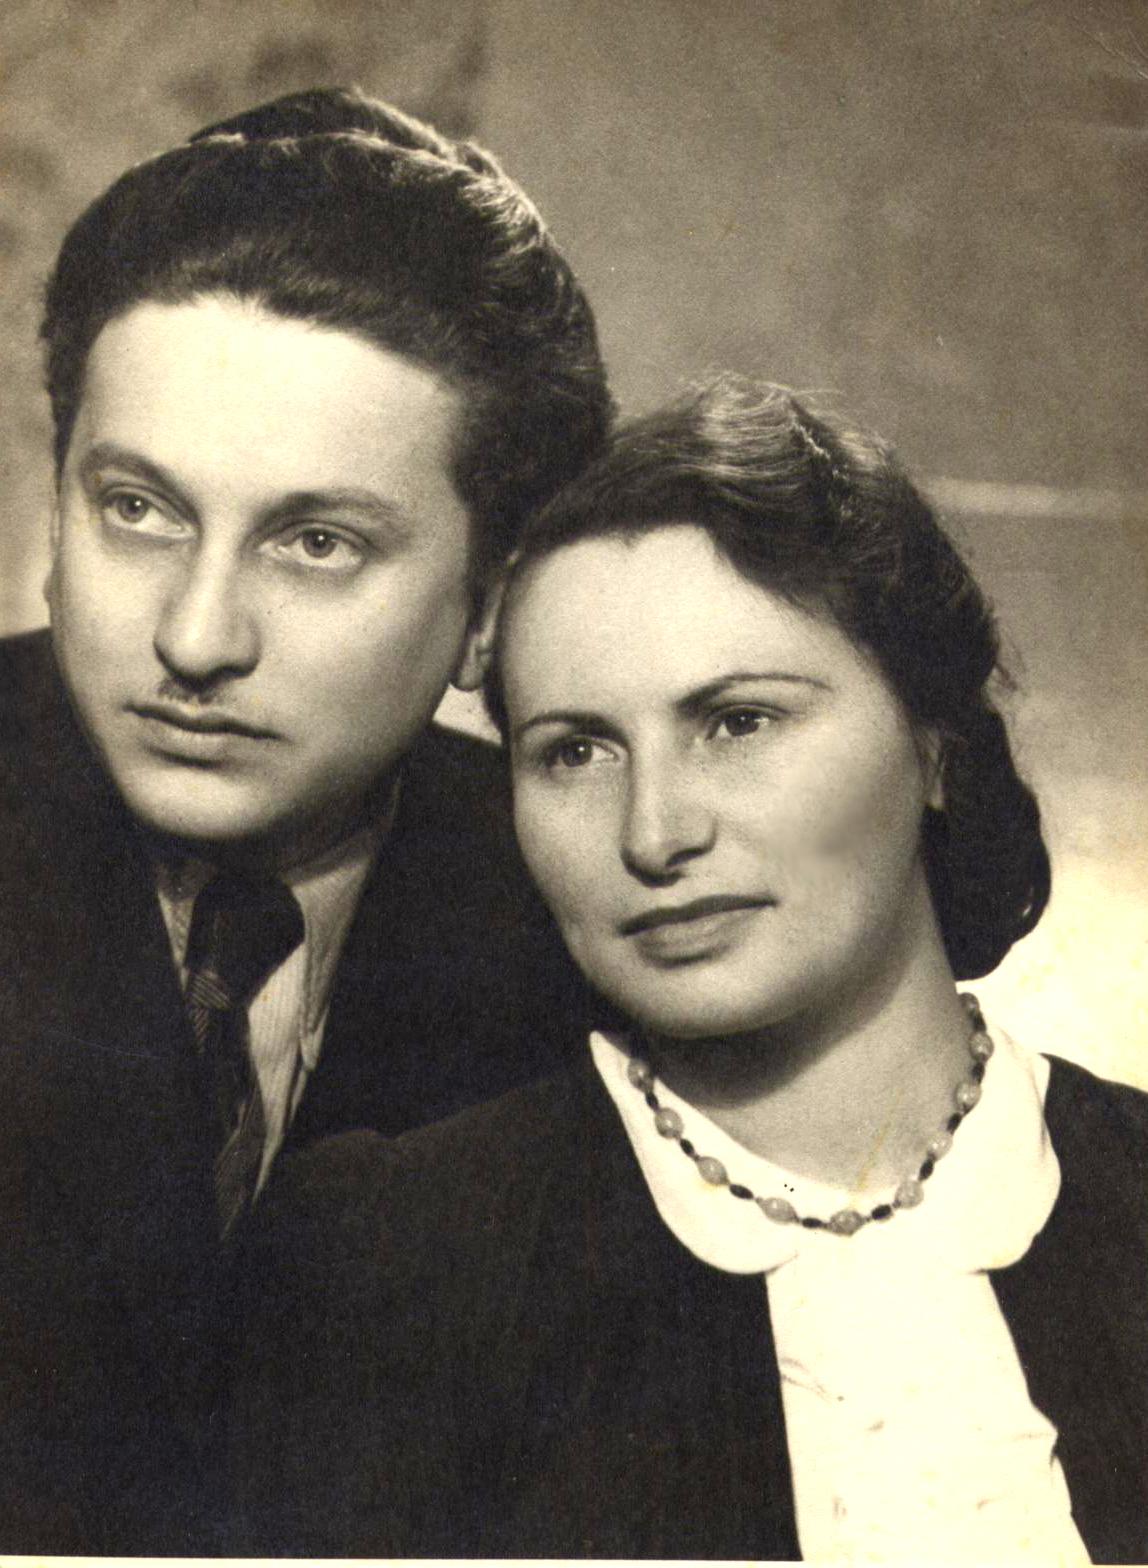 Zdjęcie ślubne - Józef Bau z małżonką (źródło: materiały prasowe)